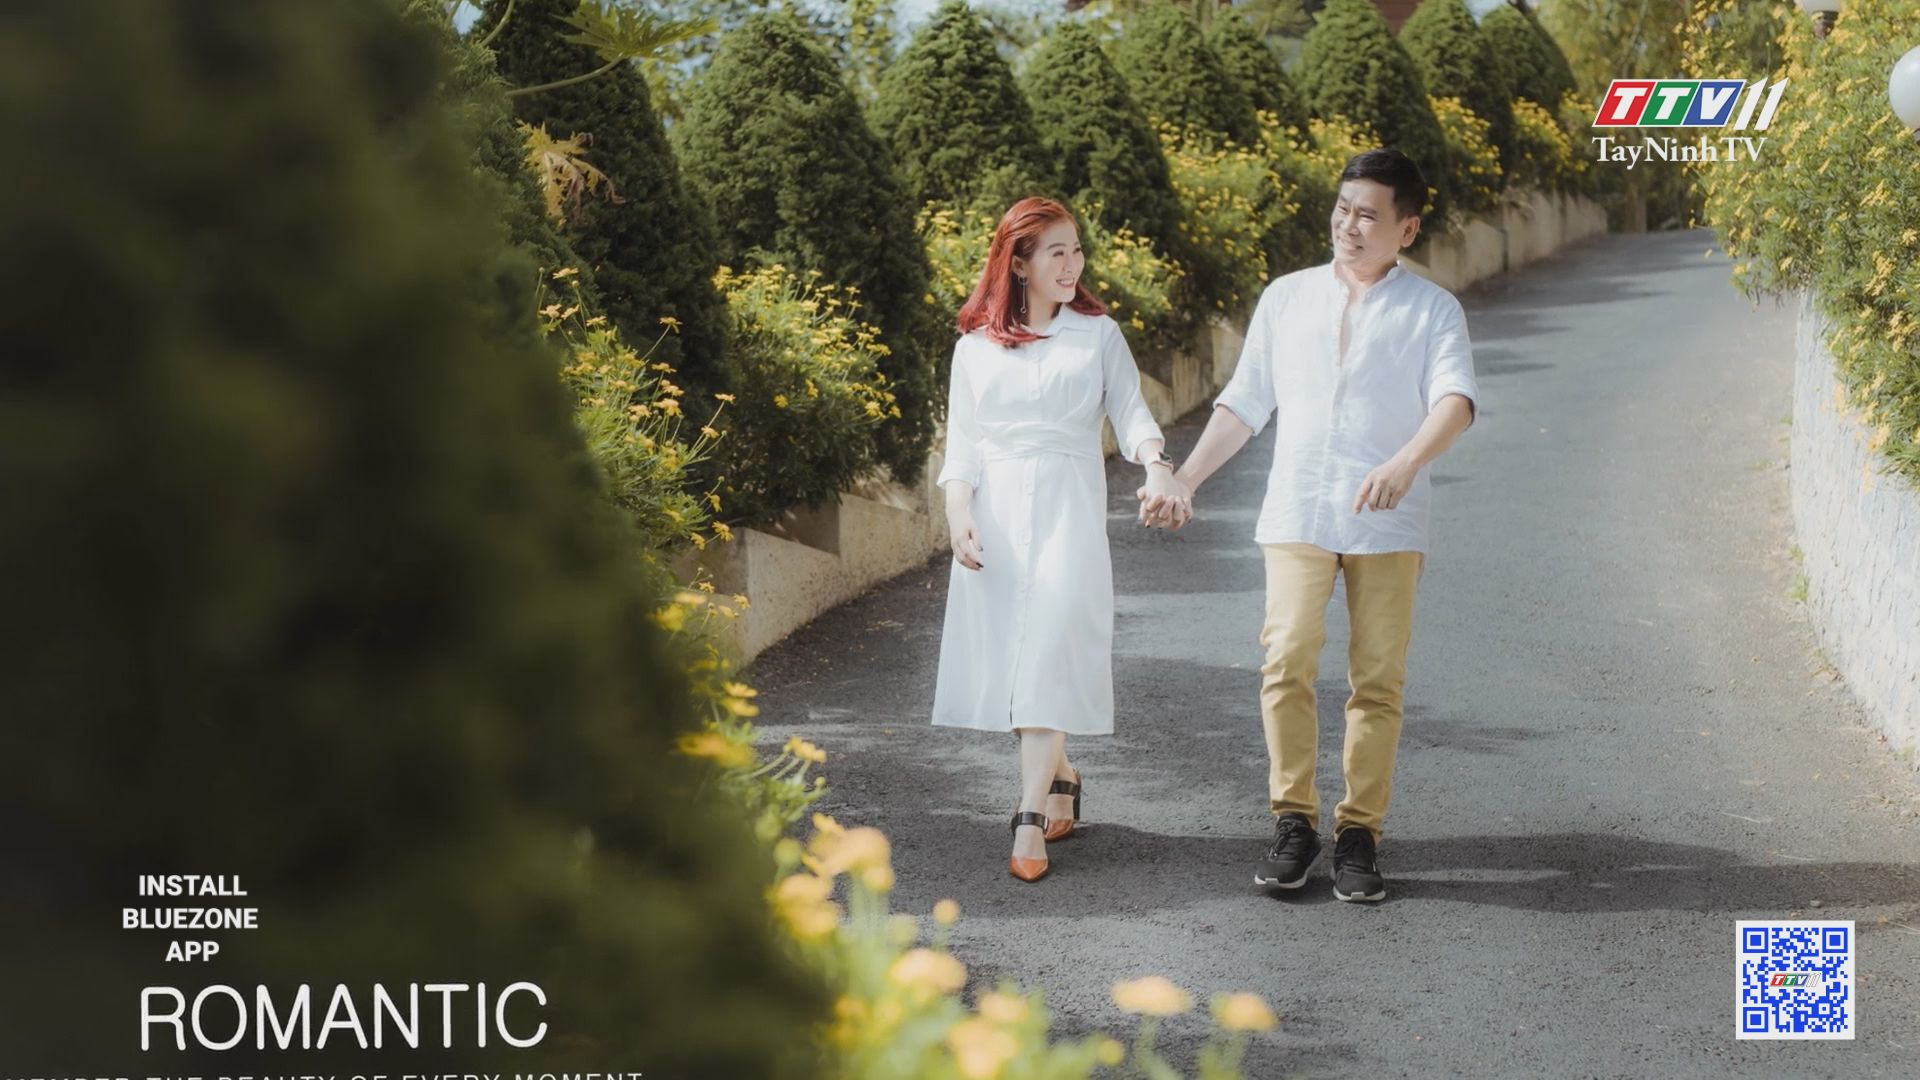 Tập 13_Cát Tường xúc động khi Kiều Linh sảy thai, suýt chết | HẠNH PHÚC Ở ĐÂU? | TayNinhTV